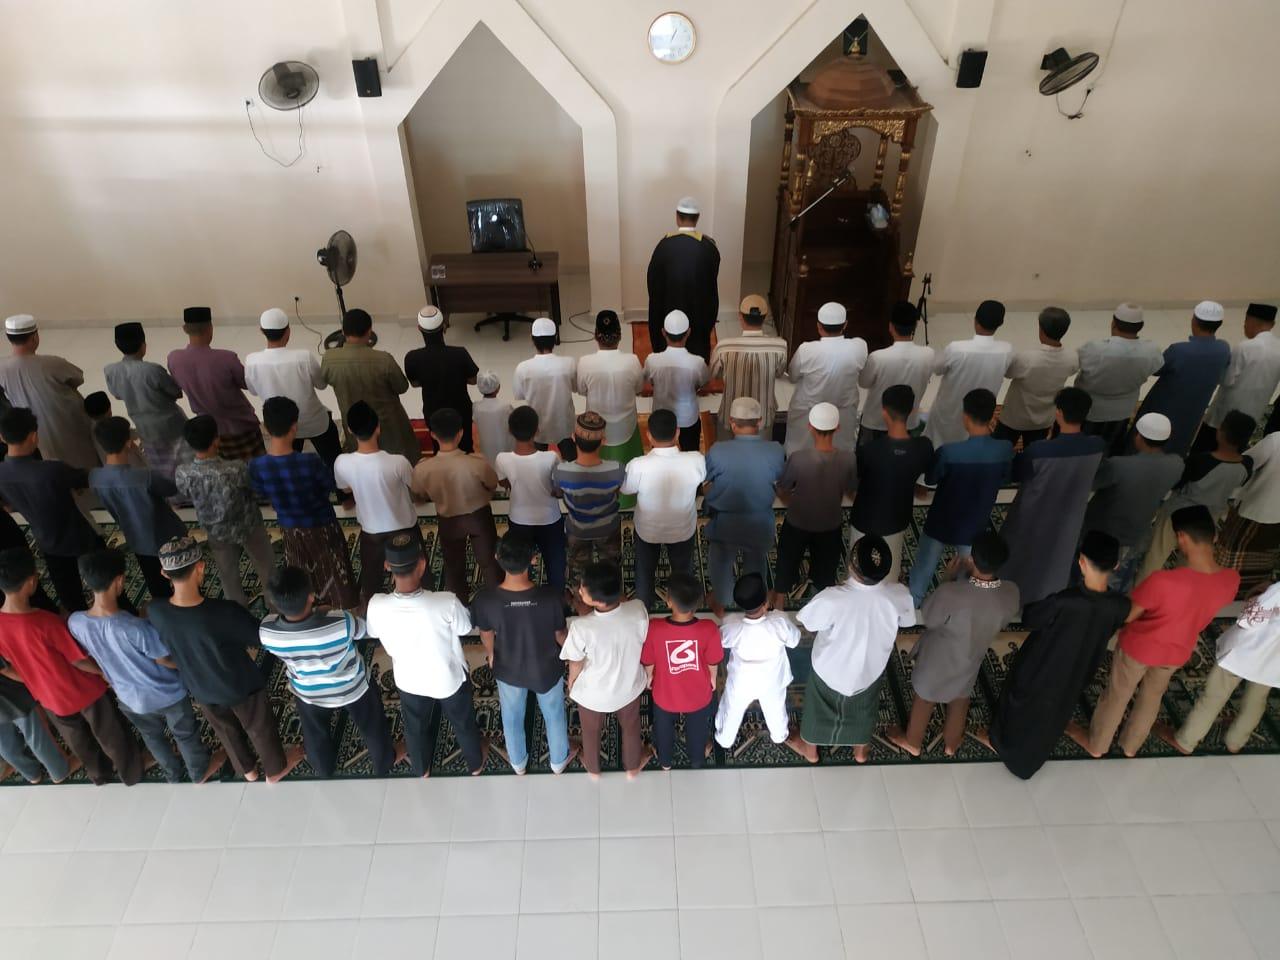 Hukum Sholat dengan Shaf Pria Sejajar atau Campur dengan Wanita bimbingan islam